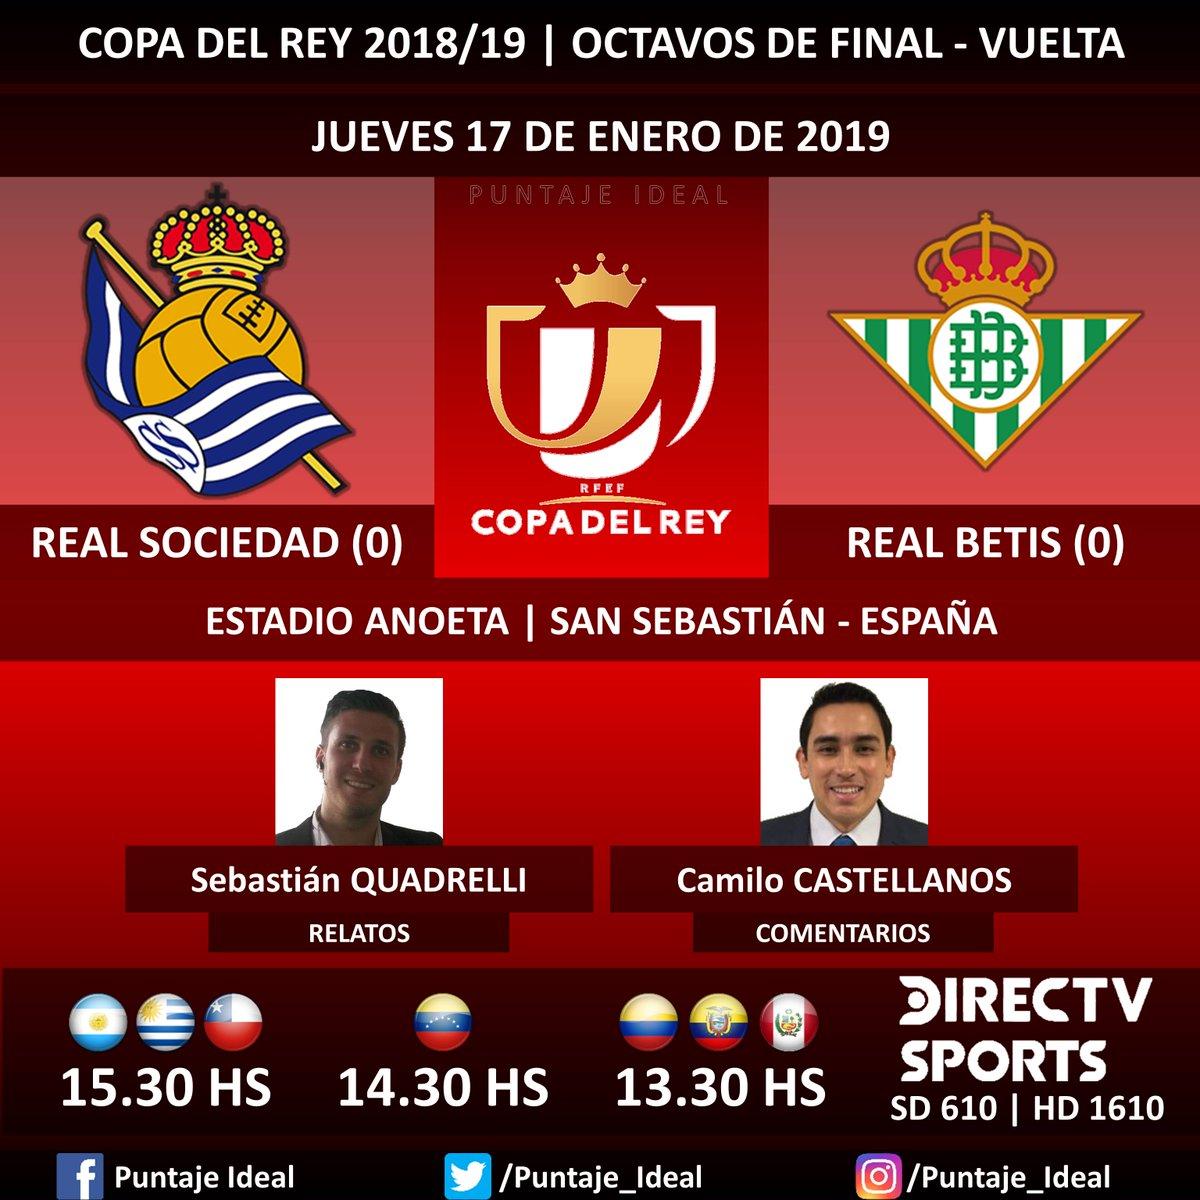 ⚽ #FútbolEnDIRECTV   #RealSociedad vs. #RealBetis 🎙 Relatos: @haasenico  🎙 Comentarios: @SebasDecker  📺 TV: @DIRECTVSports Sudamérica (610 - 1610 HD) - #Torneos 🤳 #SoySportista - #CopaDelRey 🇪🇸 - #RealSociedadRealBetis Dale RT 🔃